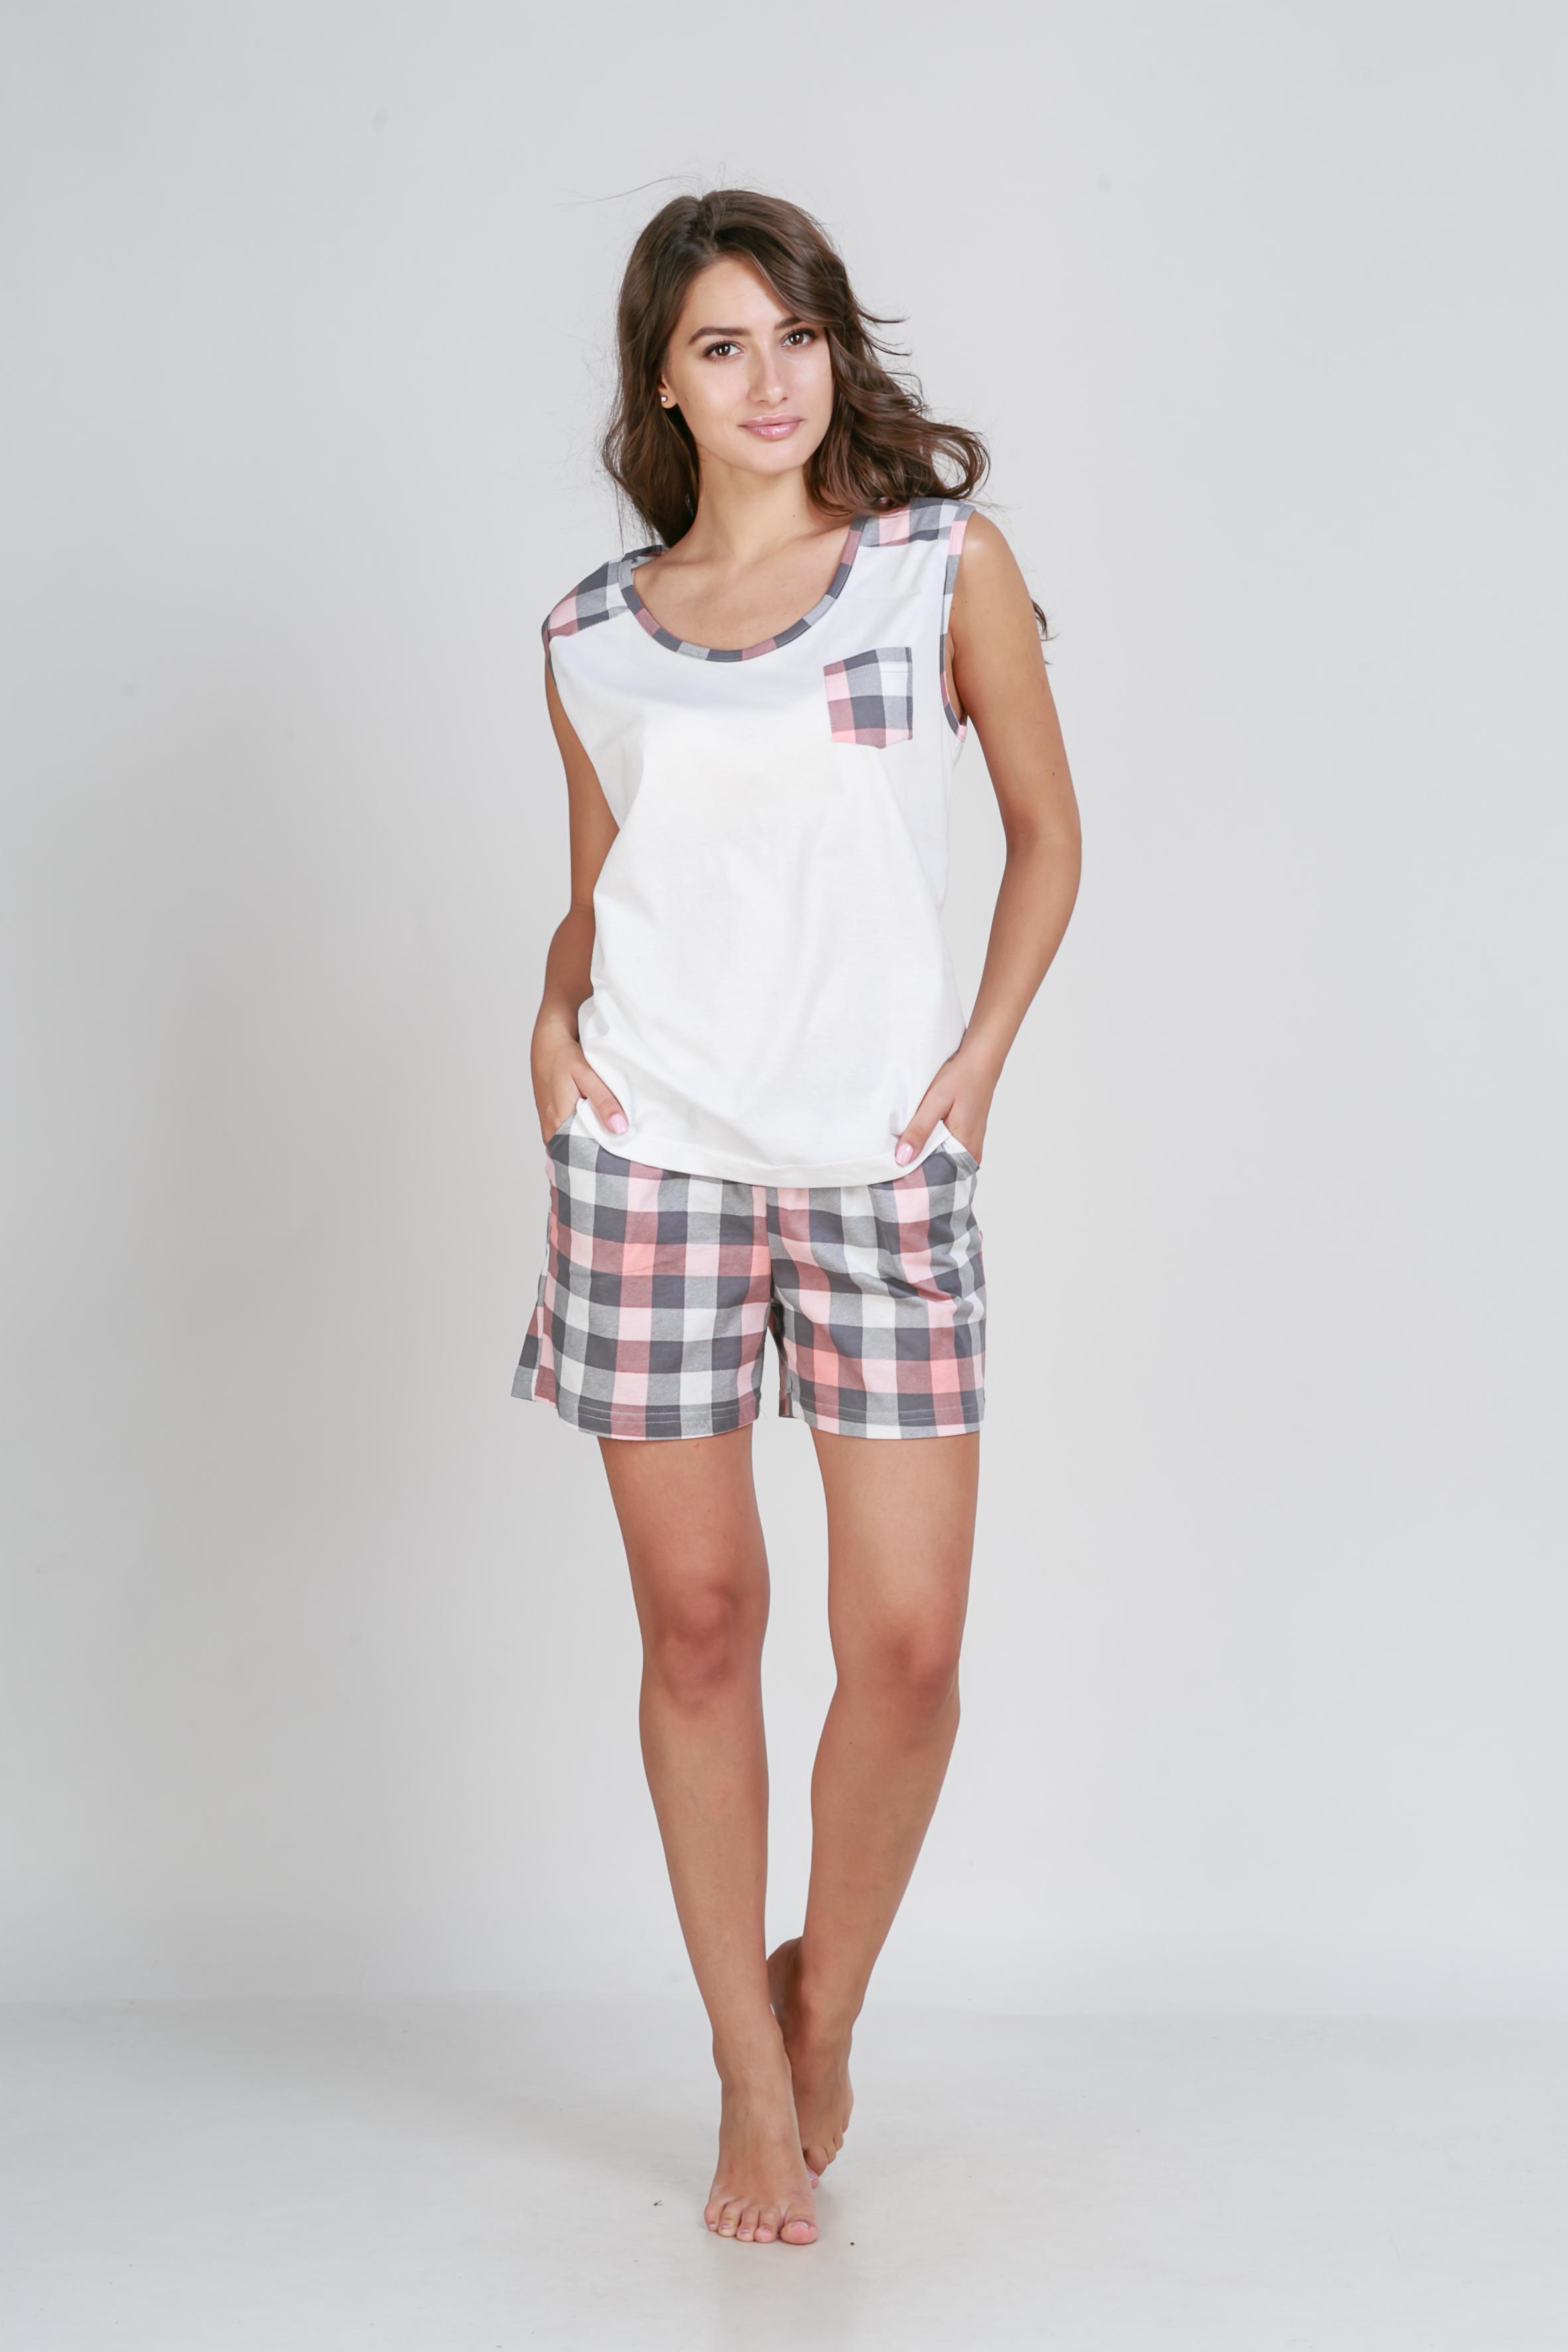 Пижамы Pastilla Пижама Сорренто Цвет: Коралловый (L) пижама жен mia cara майка шорты botanical aw15 ubl lst 264 р 42 44 1119503